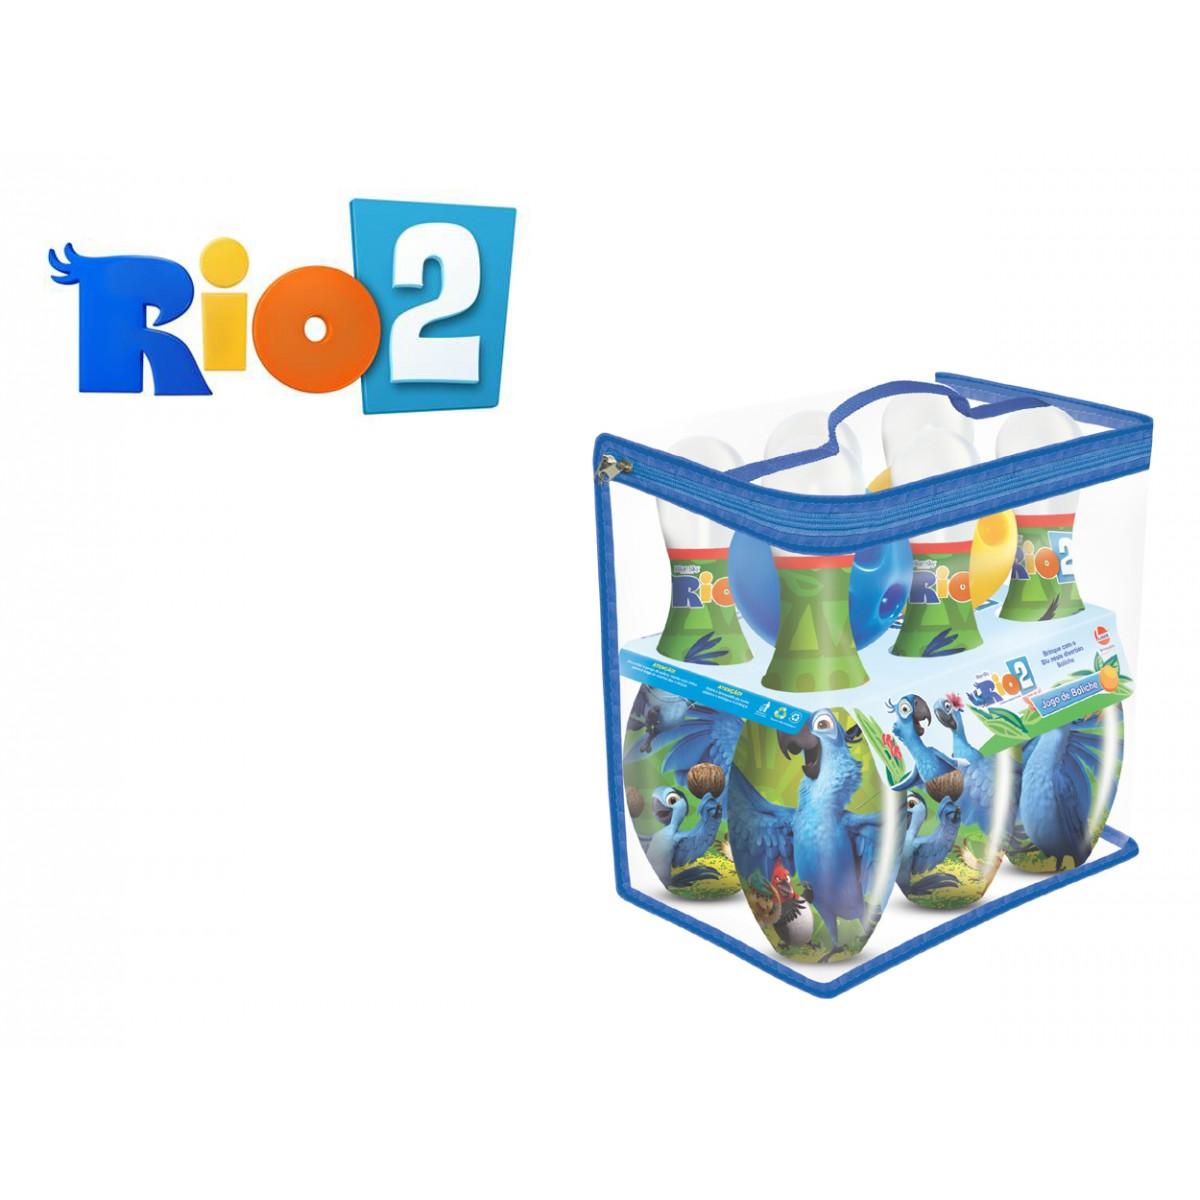 Jogo de Boliche Rio 2 - Lider